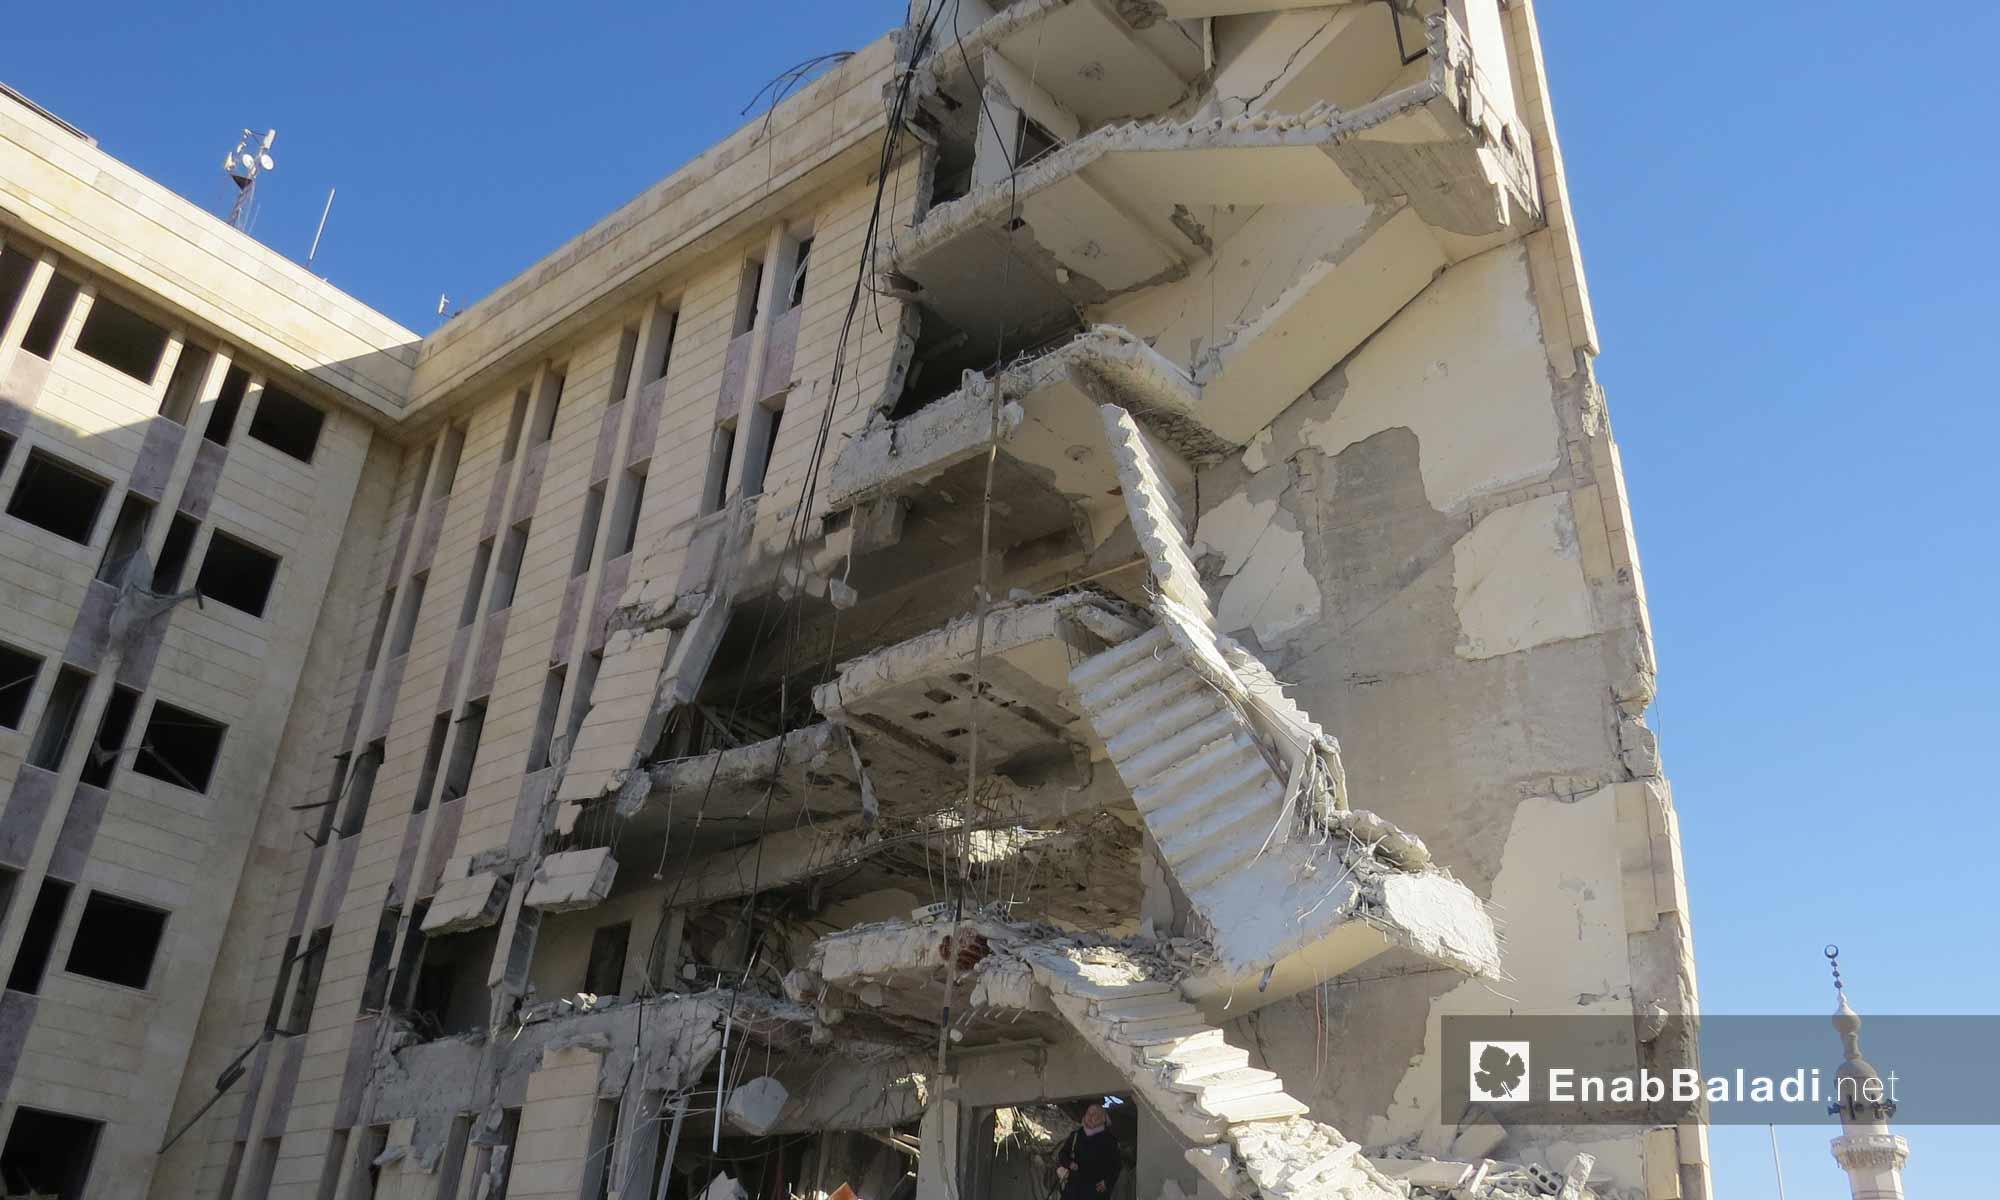 آثار القصف الجوي على مبنى الهلال الأحمر في مدينة إدلب_1 شباط 2017_(عنب بلدي)